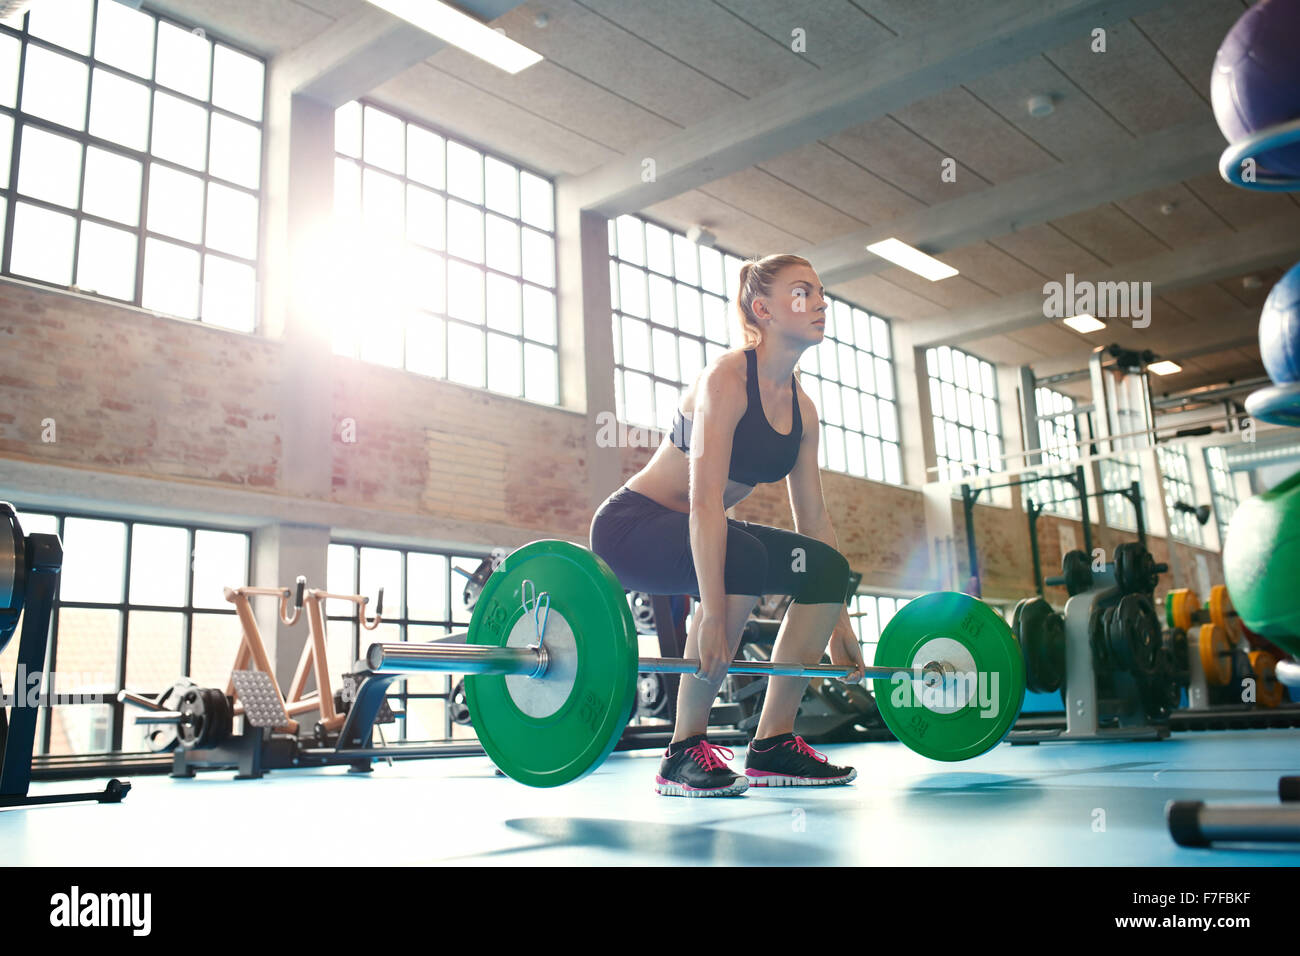 Jeune femme travaillant dur dans la salle de sport. Athlète féminine fit lever des poids dans un club de santé. Banque D'Images